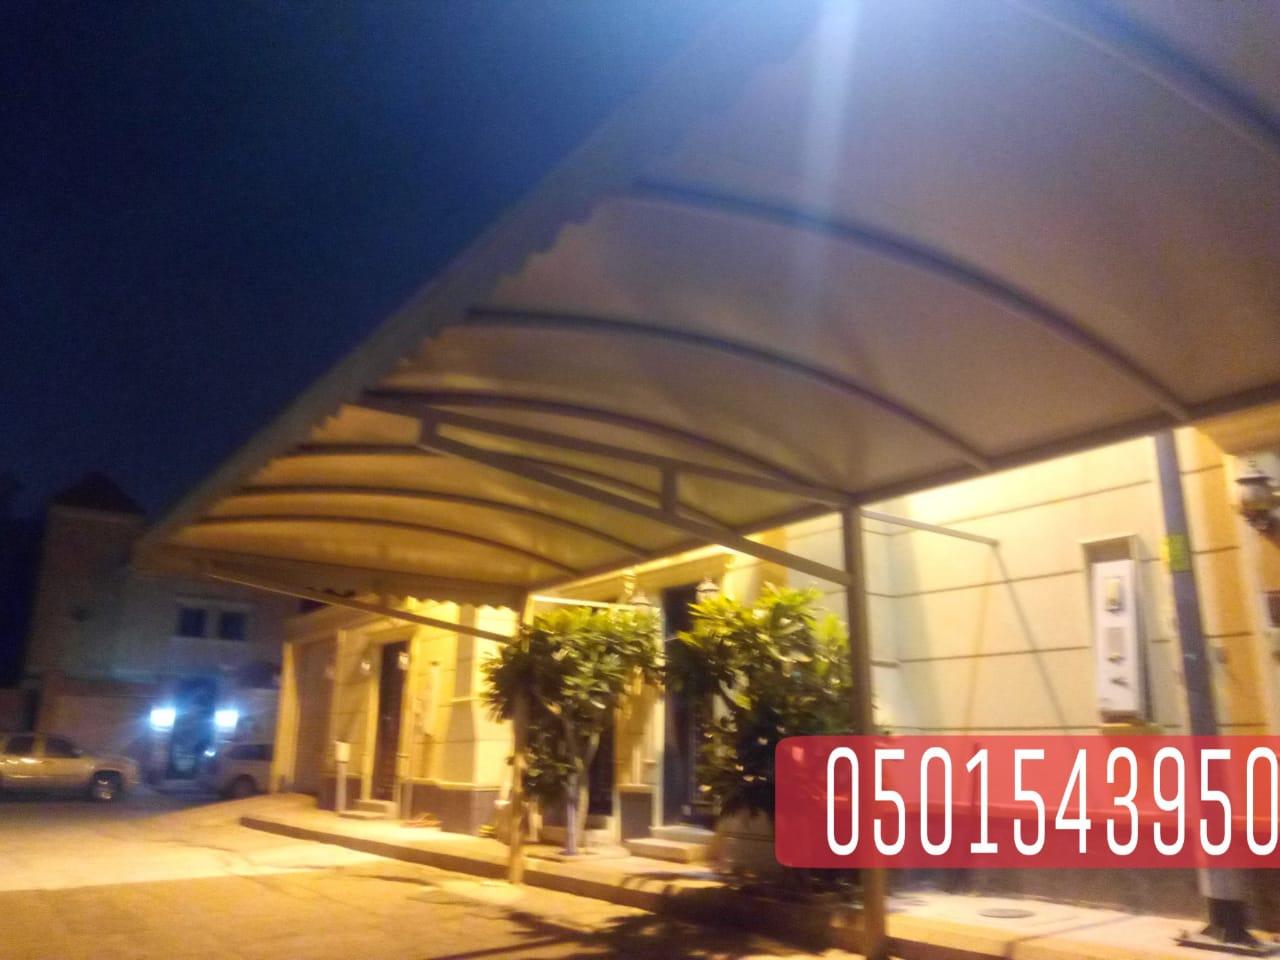 تركيب مظلات سيارات في جدة , 0501543950 P_2086wrd653